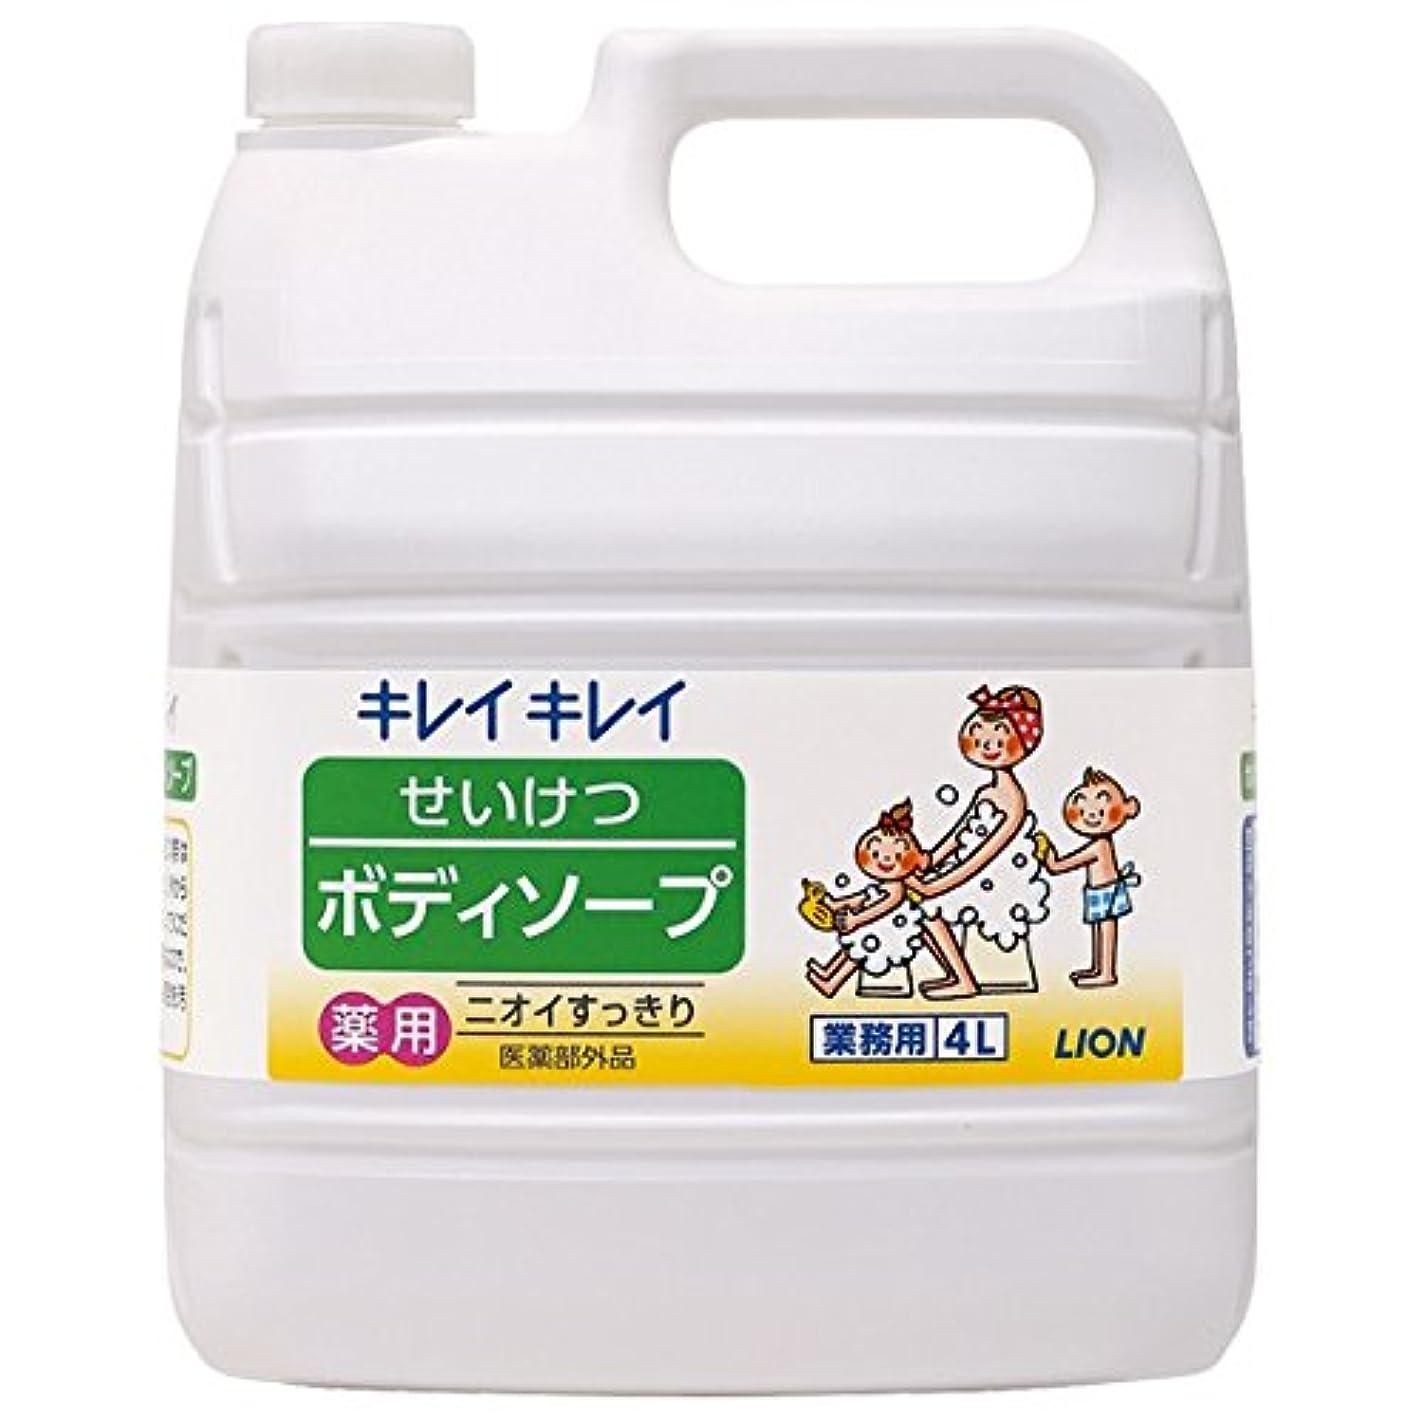 放射性ピンチ公爵ライオン キレイキレイ せいけつボディソープ さわやかなレモン&オレンジの香り 業務用 4L×3本